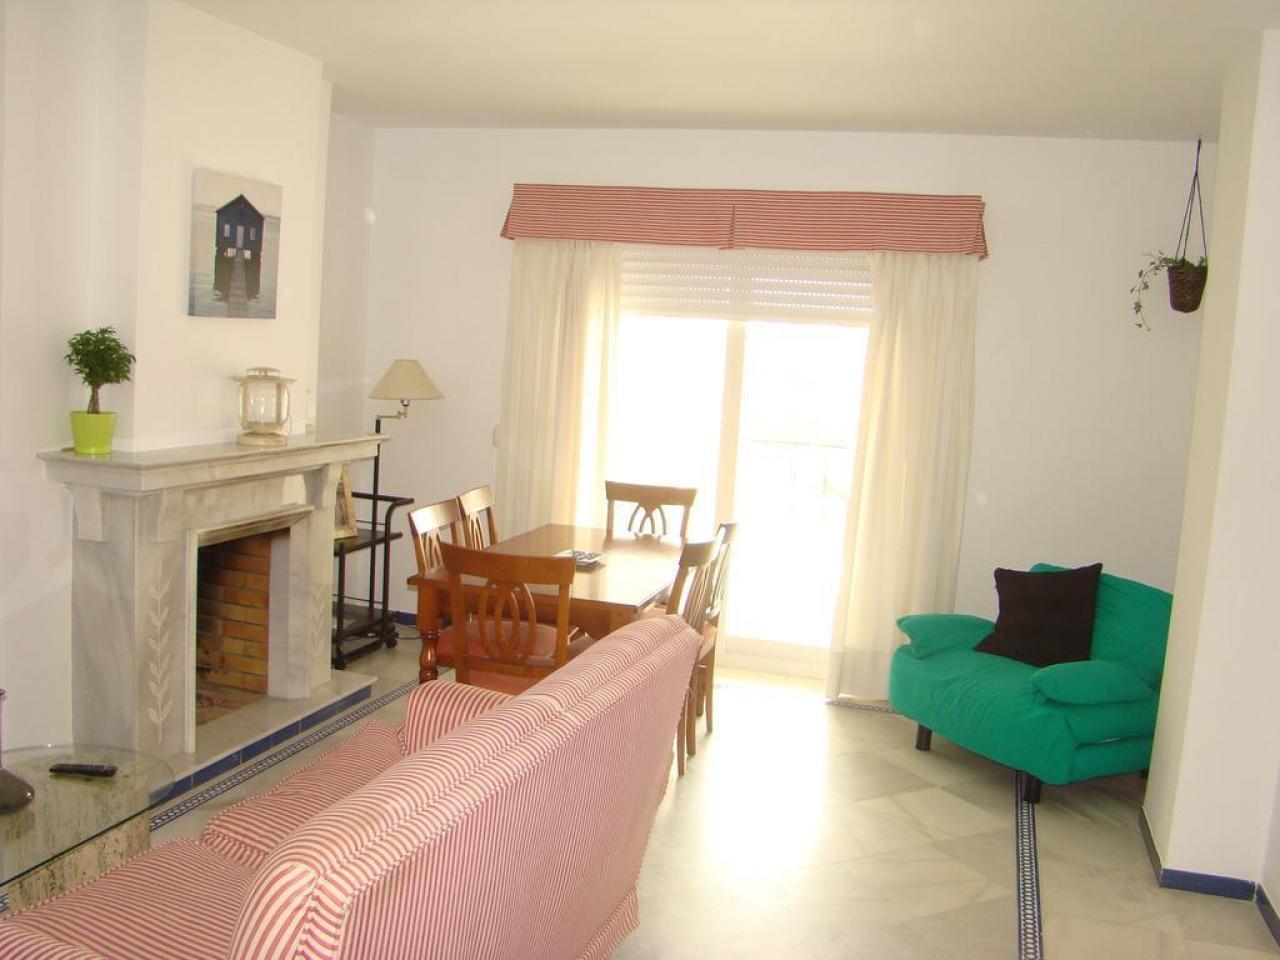 Alquiler de habitaciones El Puerto de Santa María, Cádiz